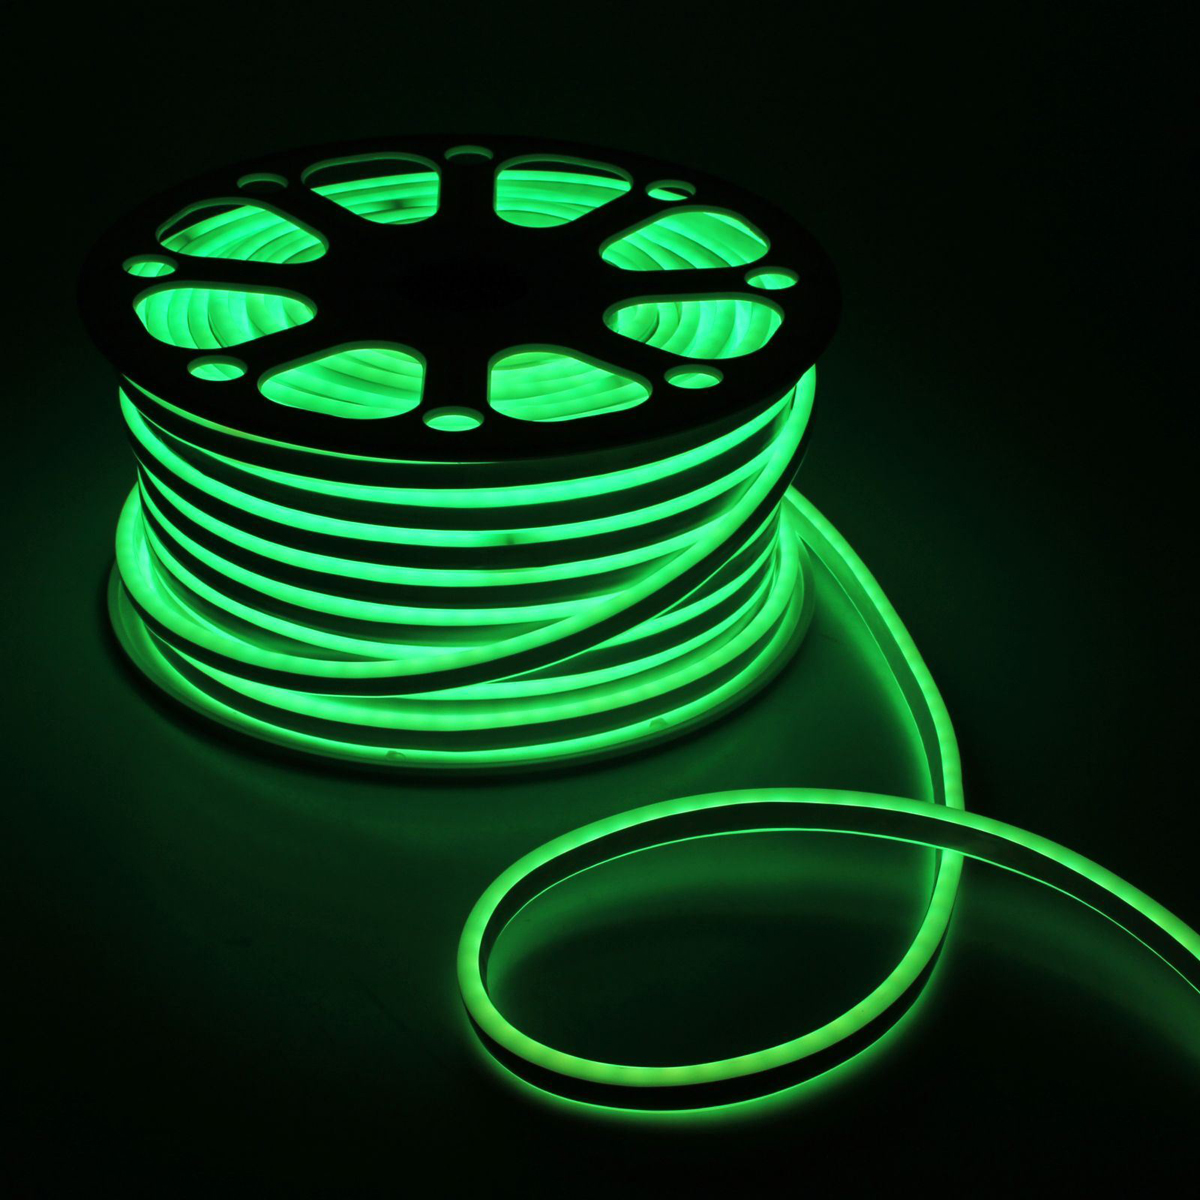 Гирлянда светодиодная Luazon, 120 ламп, 220 V, цвет: бирюзовый, 0,8 см х 1,6 см х 50 м. 1431267 гирлянда luazon дождь 2m 6m multicolor 671678